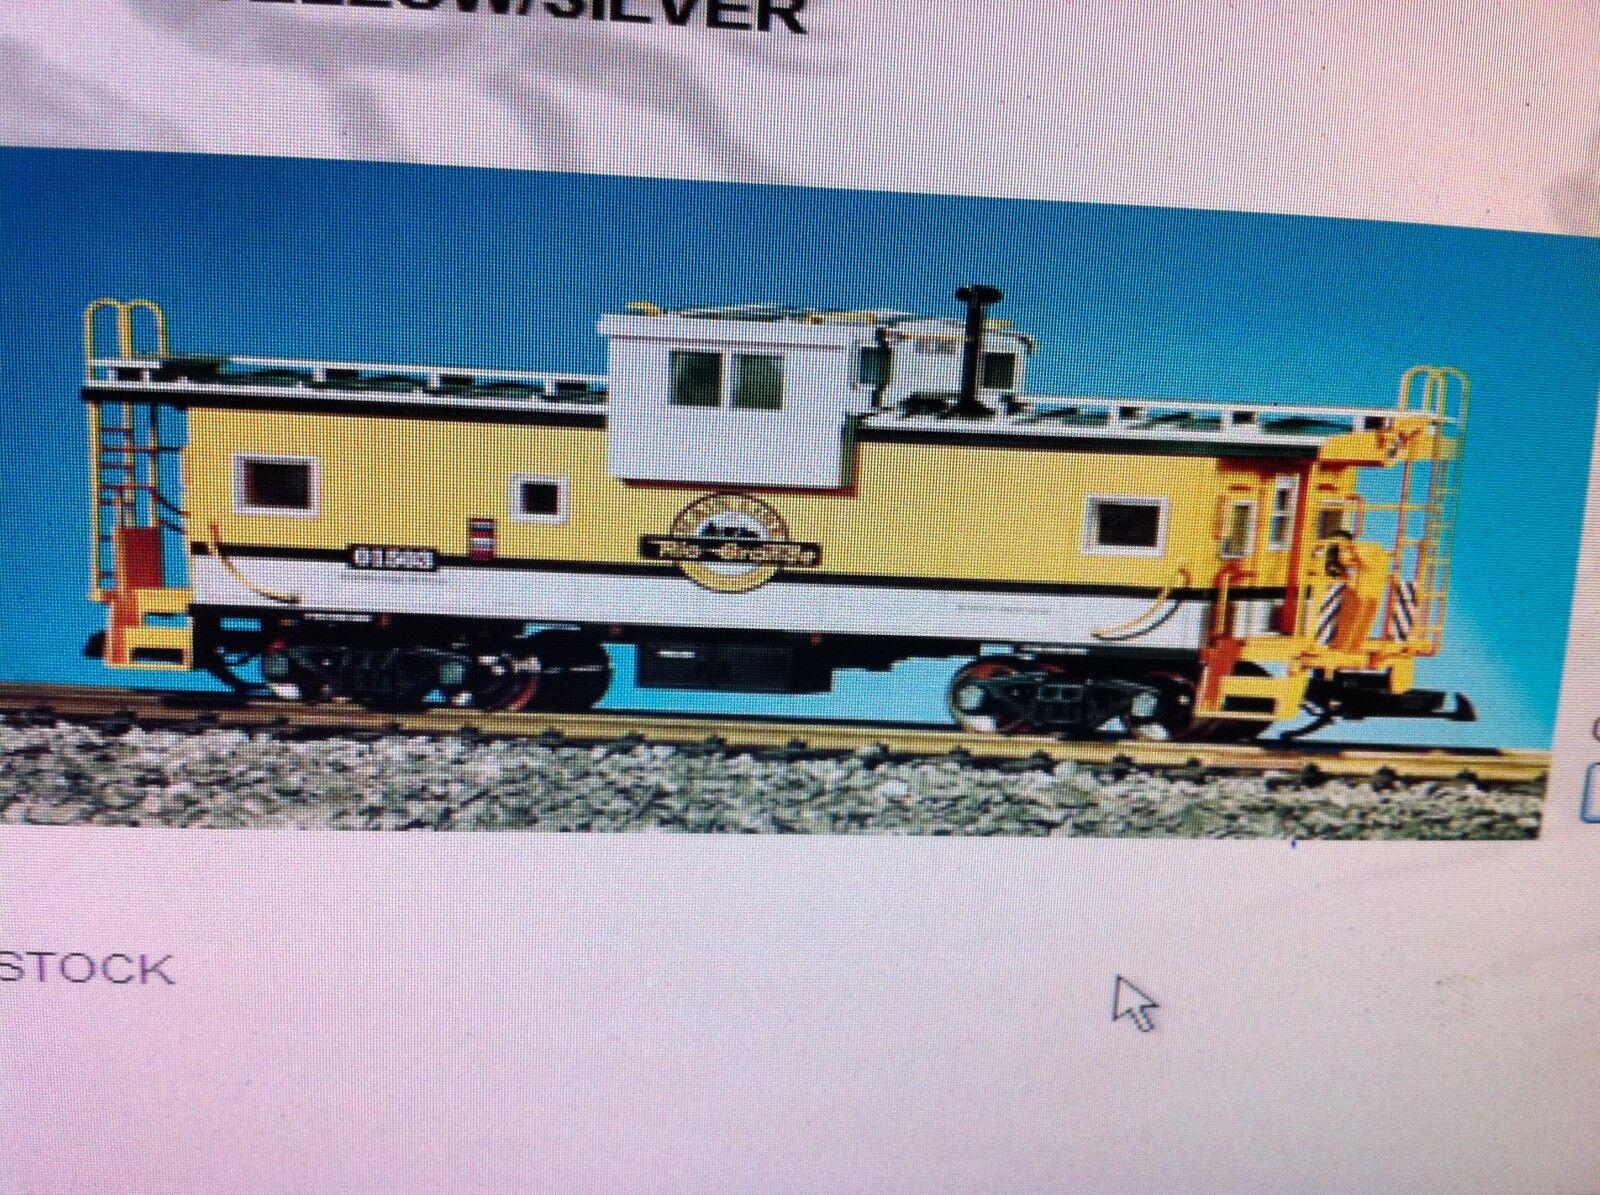 USA Trains 12105 G Escala Denver Rio Grande visión extendida furgón de cola Amarillo Plata